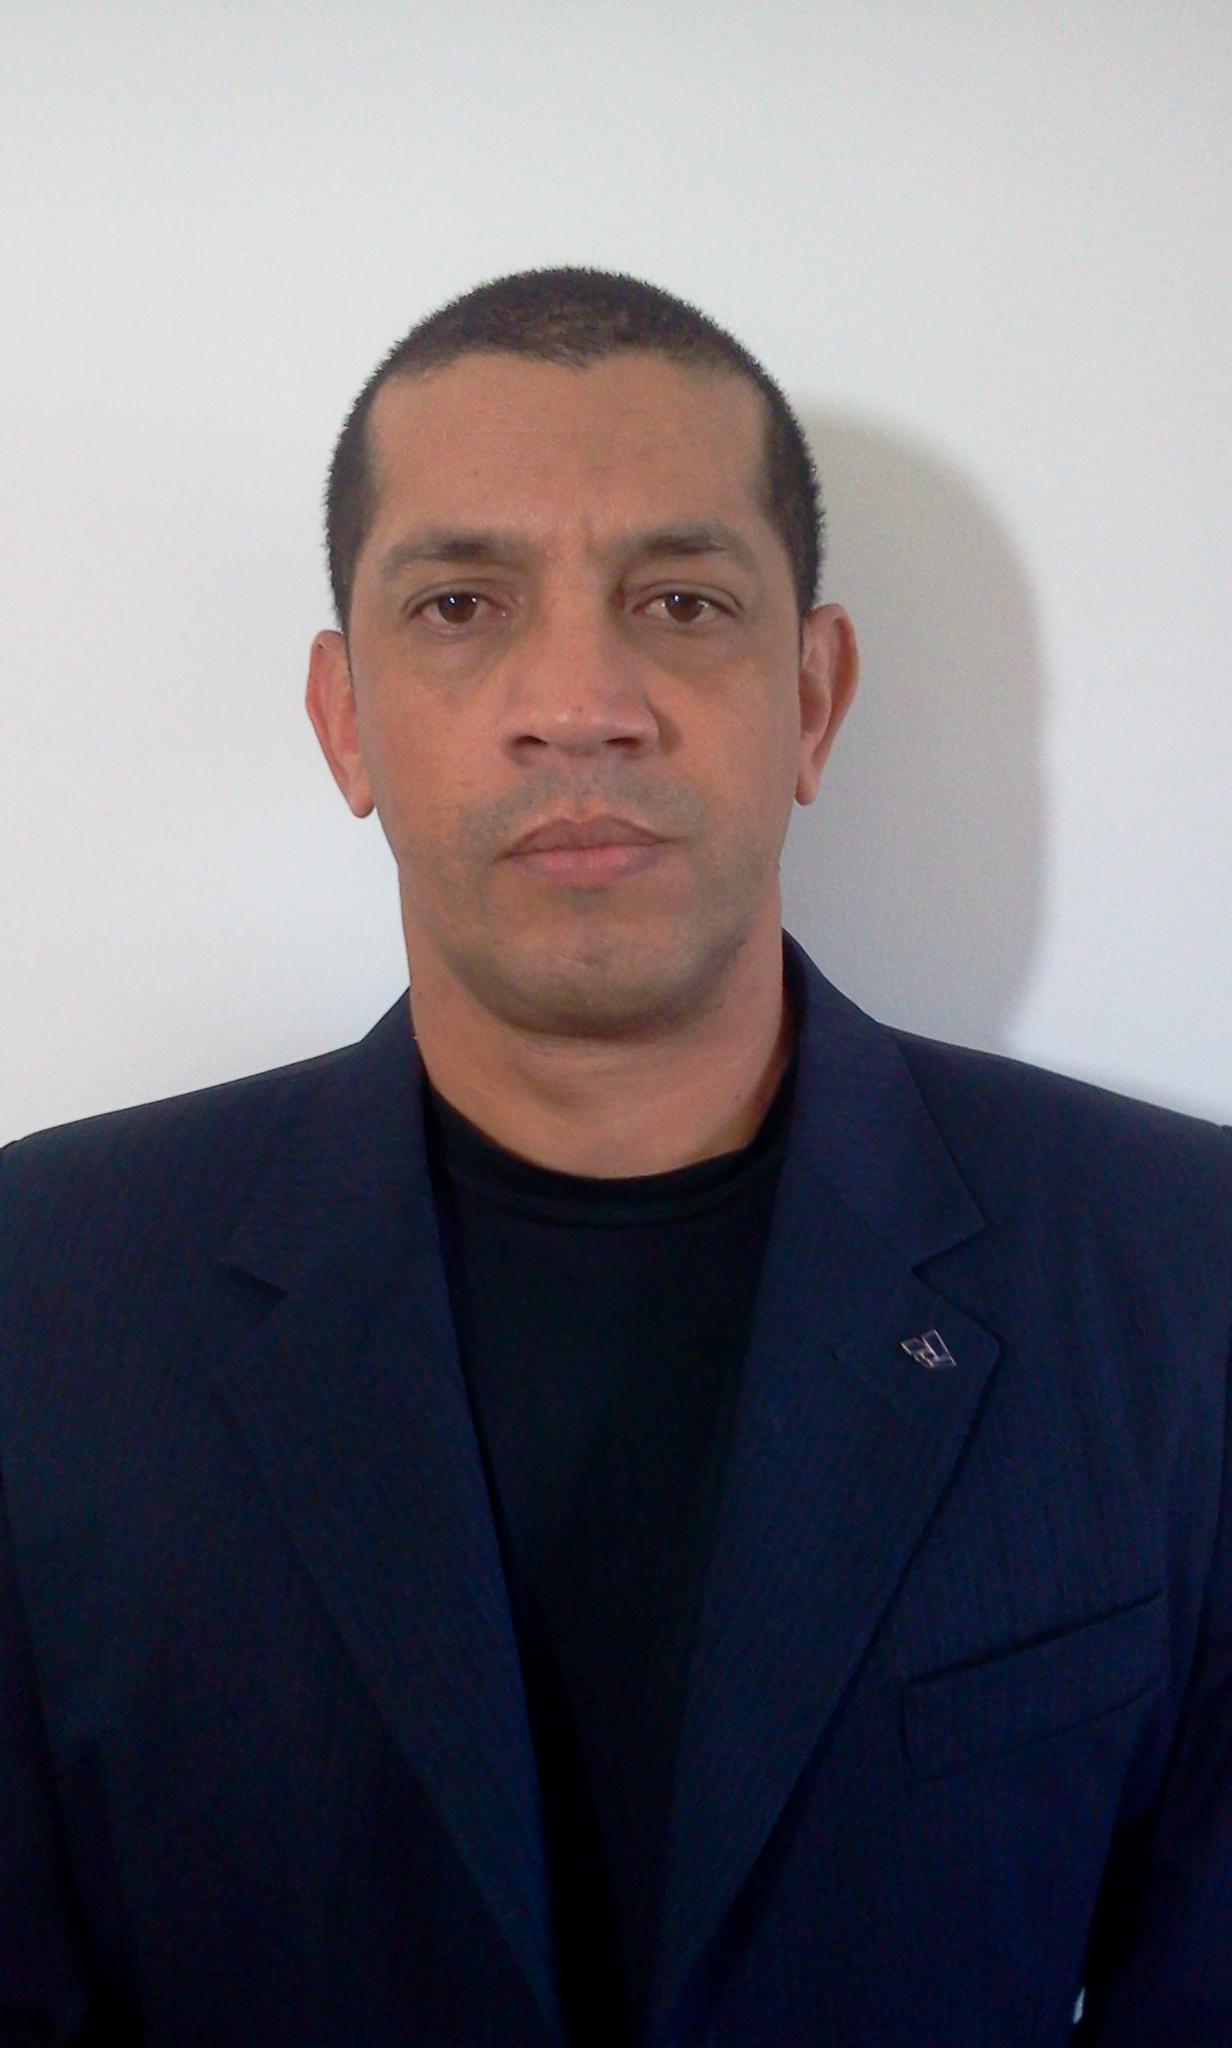 Adinoél Sebastião - aprovado no concurso de Auditor Fiscal do Trabalho (AFT)